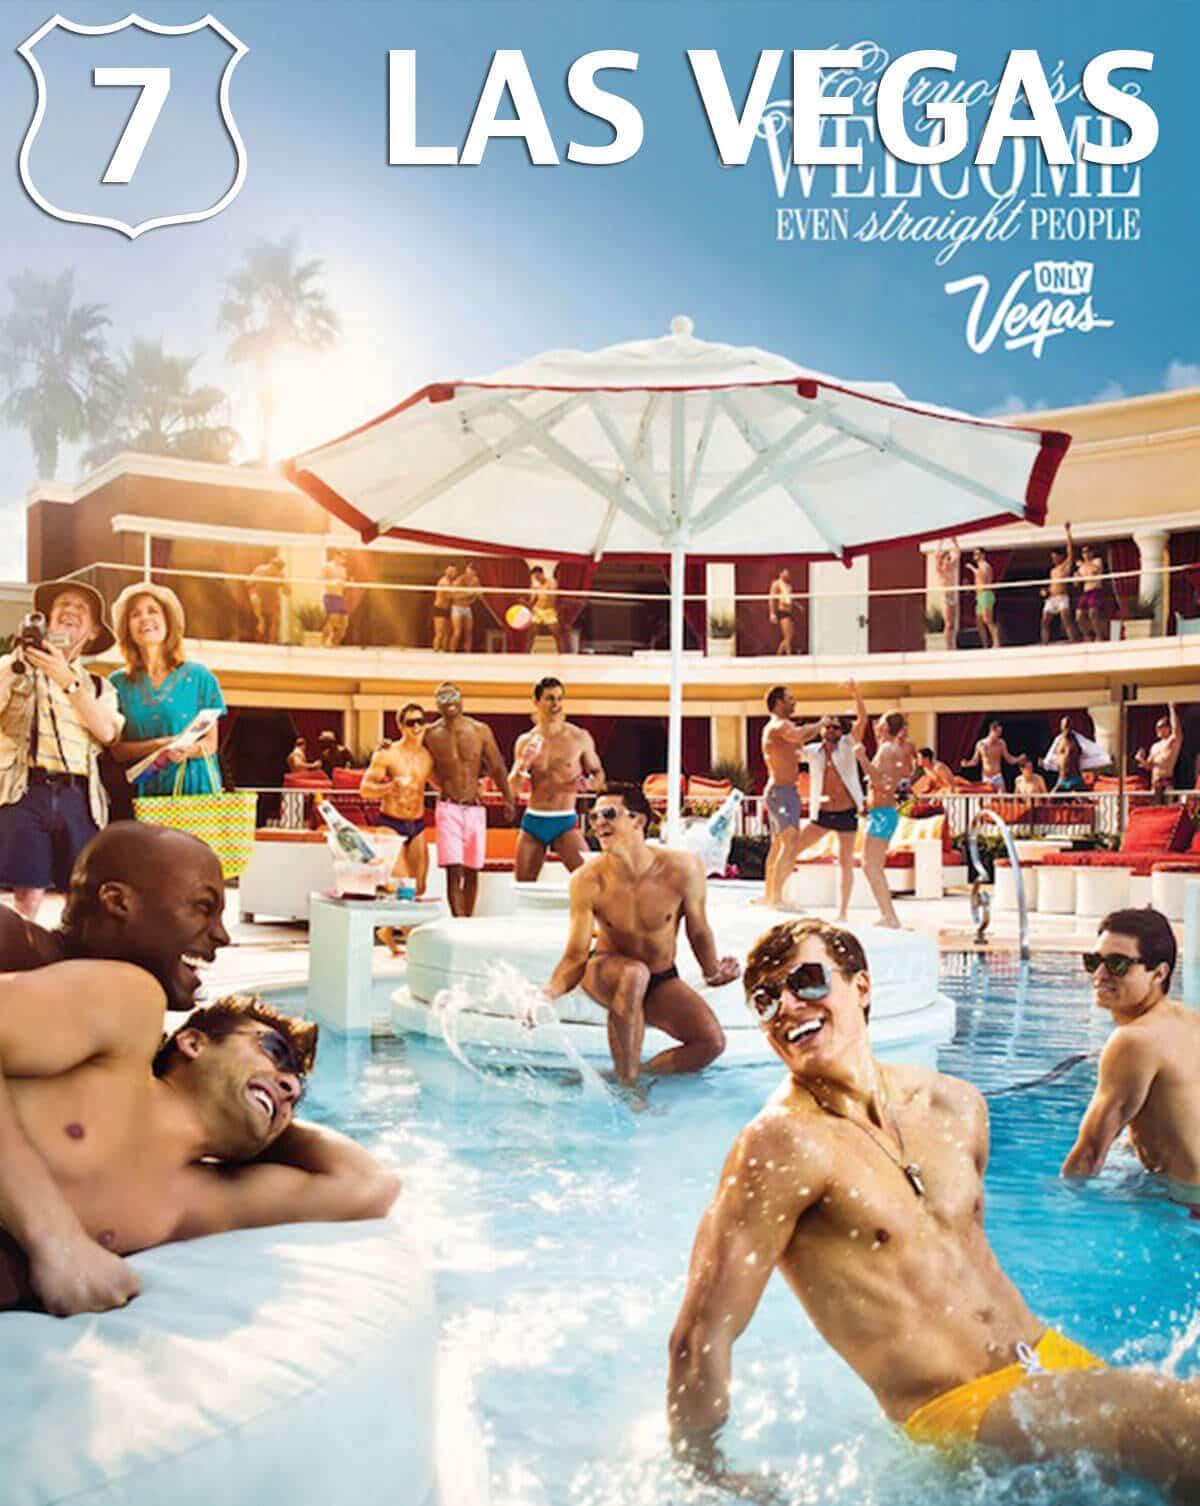 Top 10 Gay Destinations 2015 Las Vegas